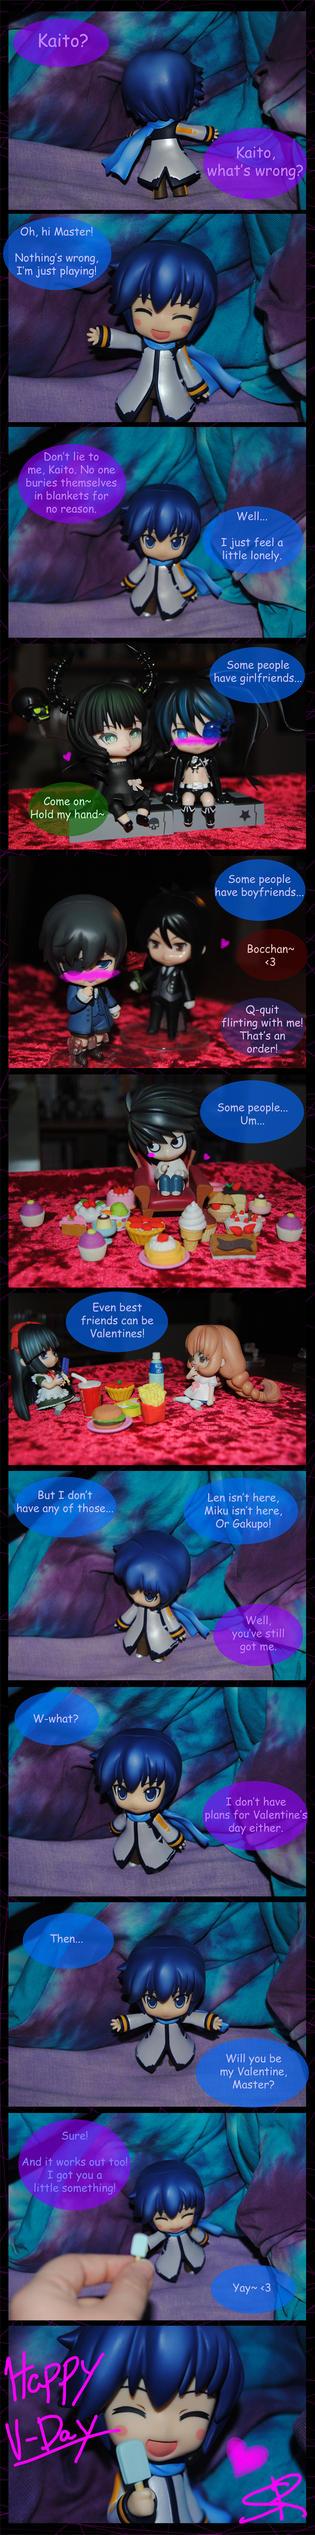 Nendoroid - Valentine by Psyco-Naut